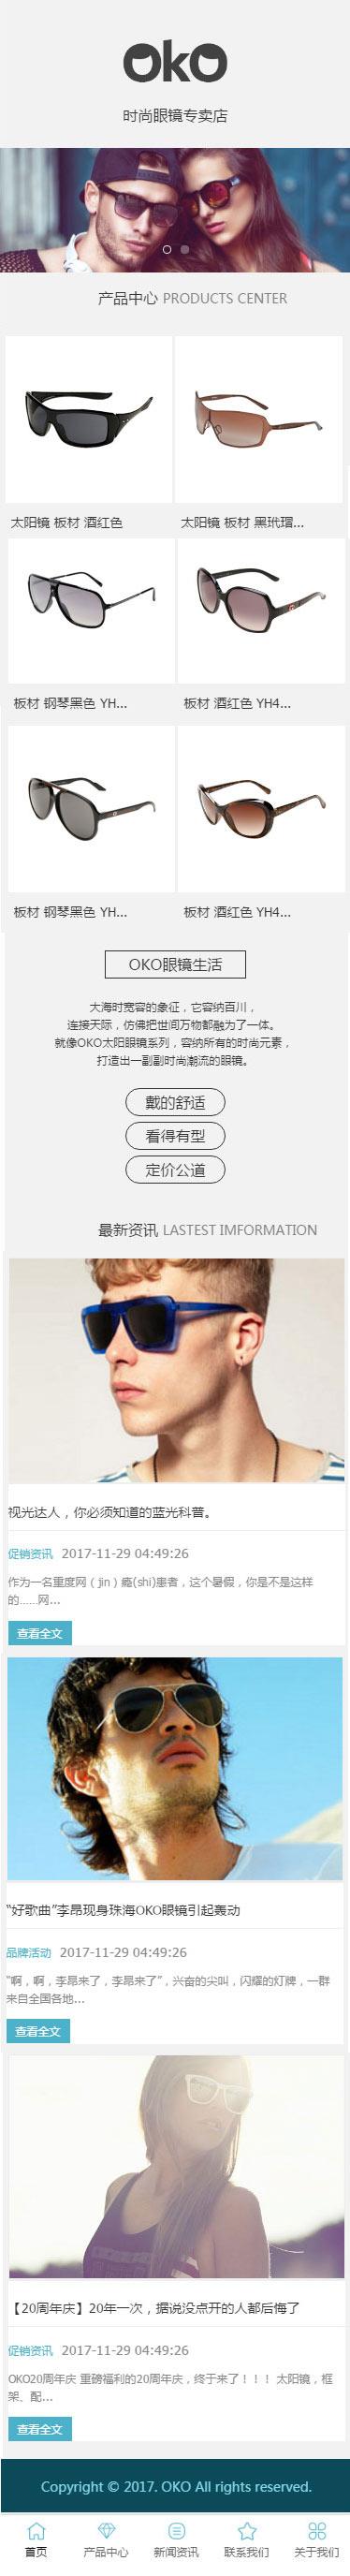 时尚眼镜展示网站